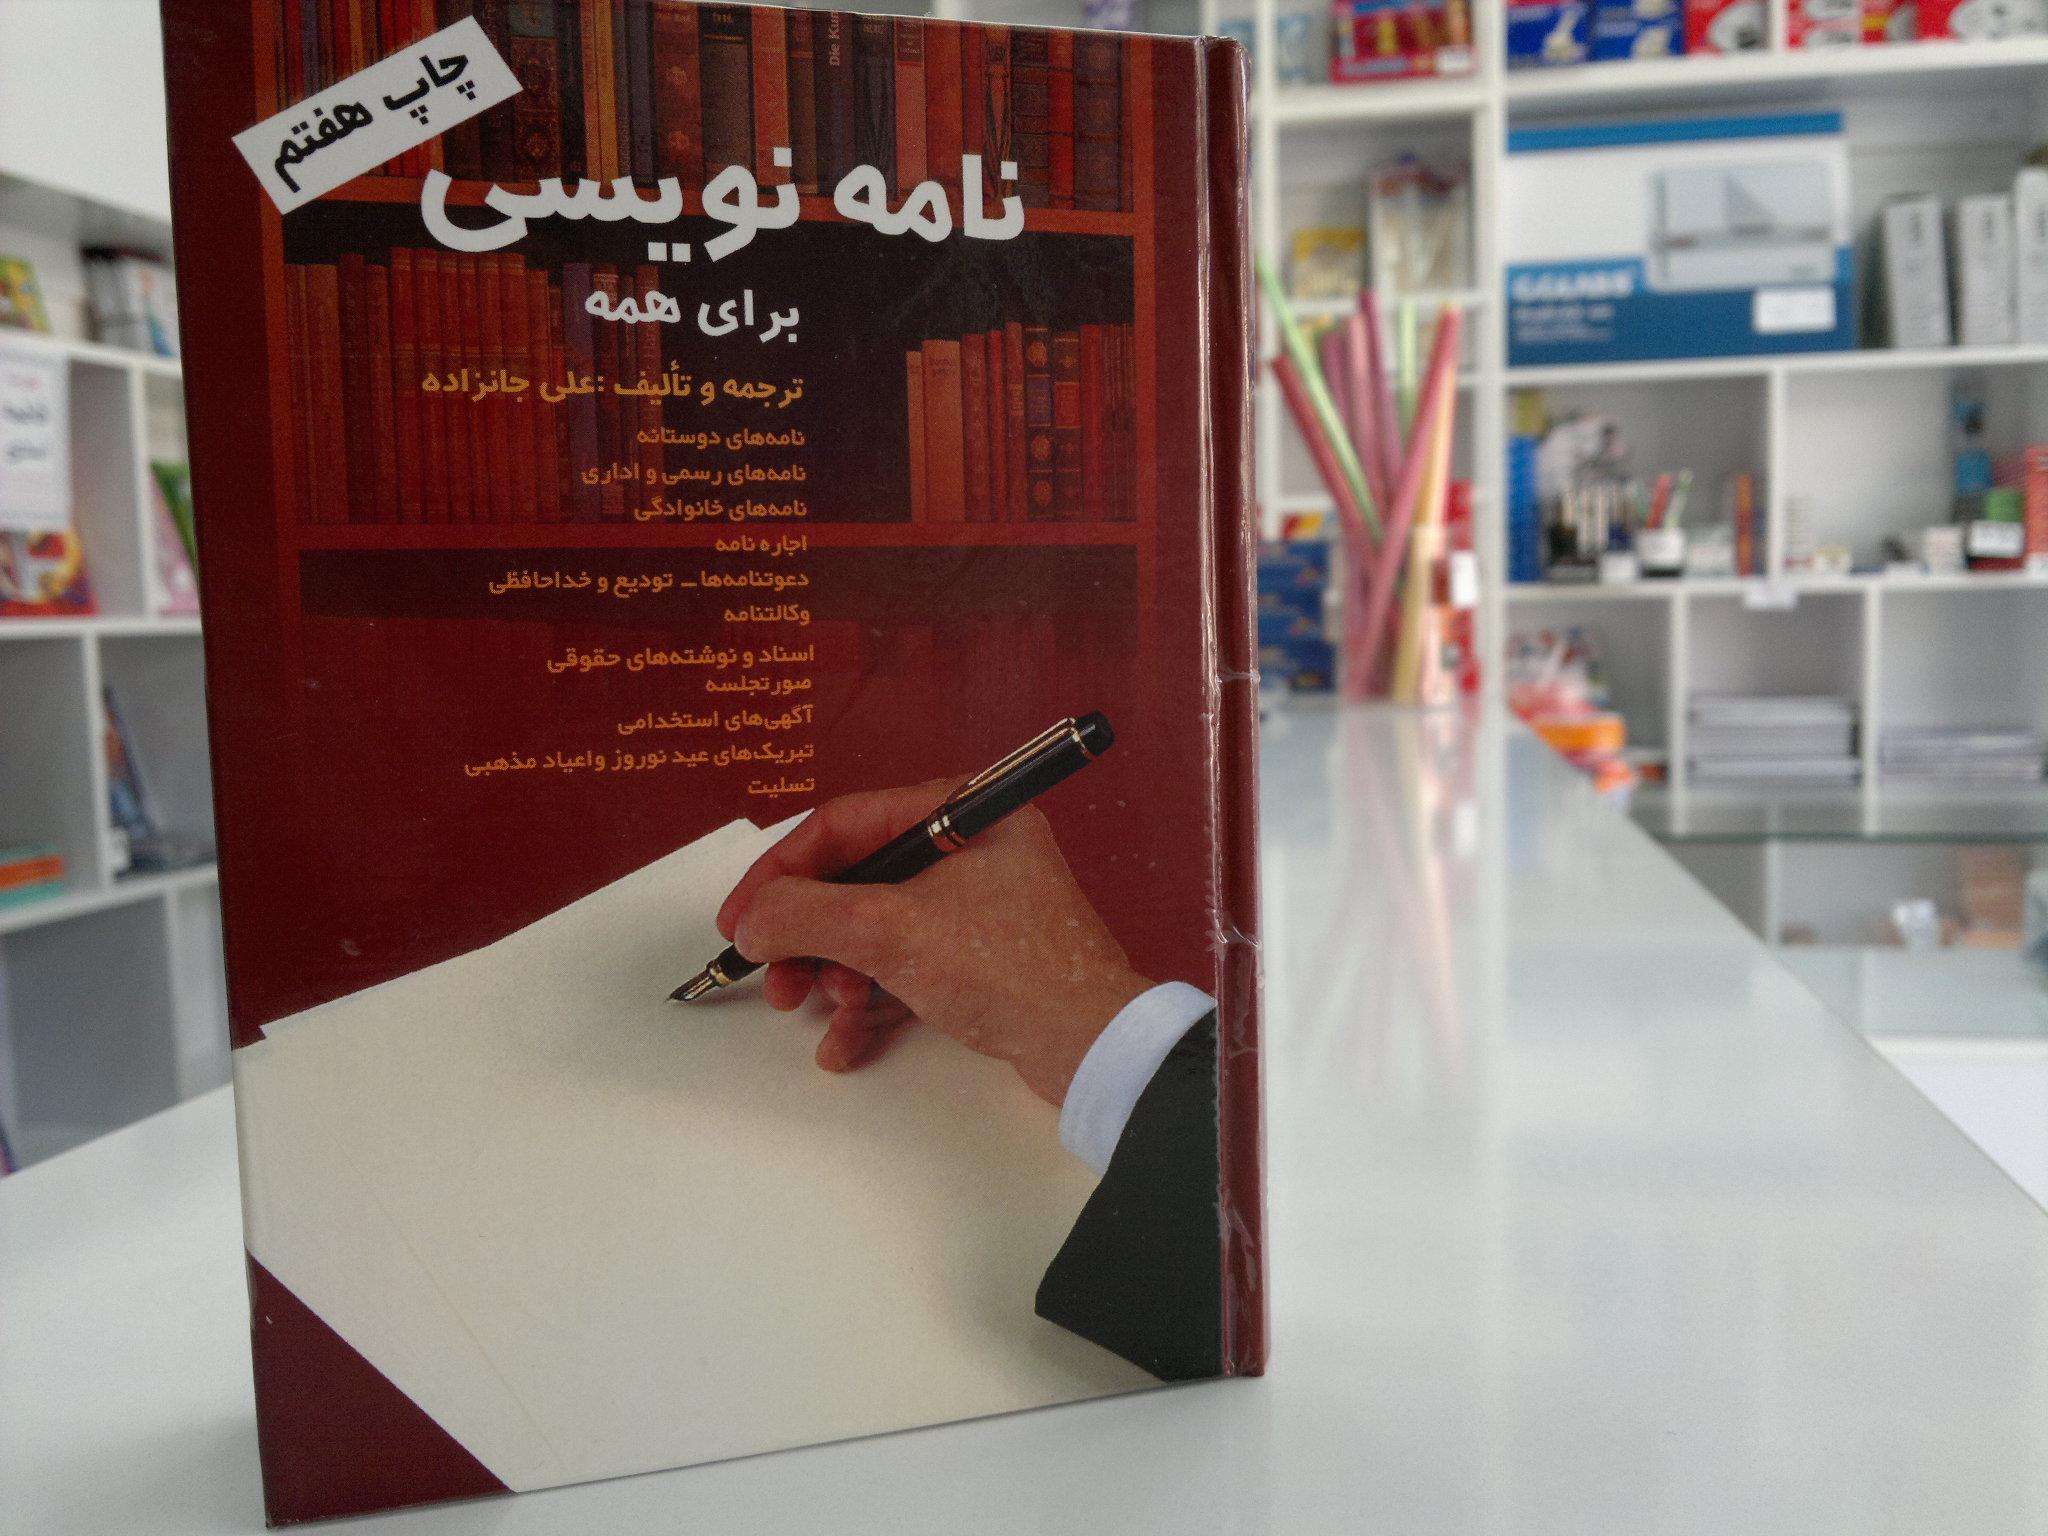 کتاب نامه نویسی برای همه